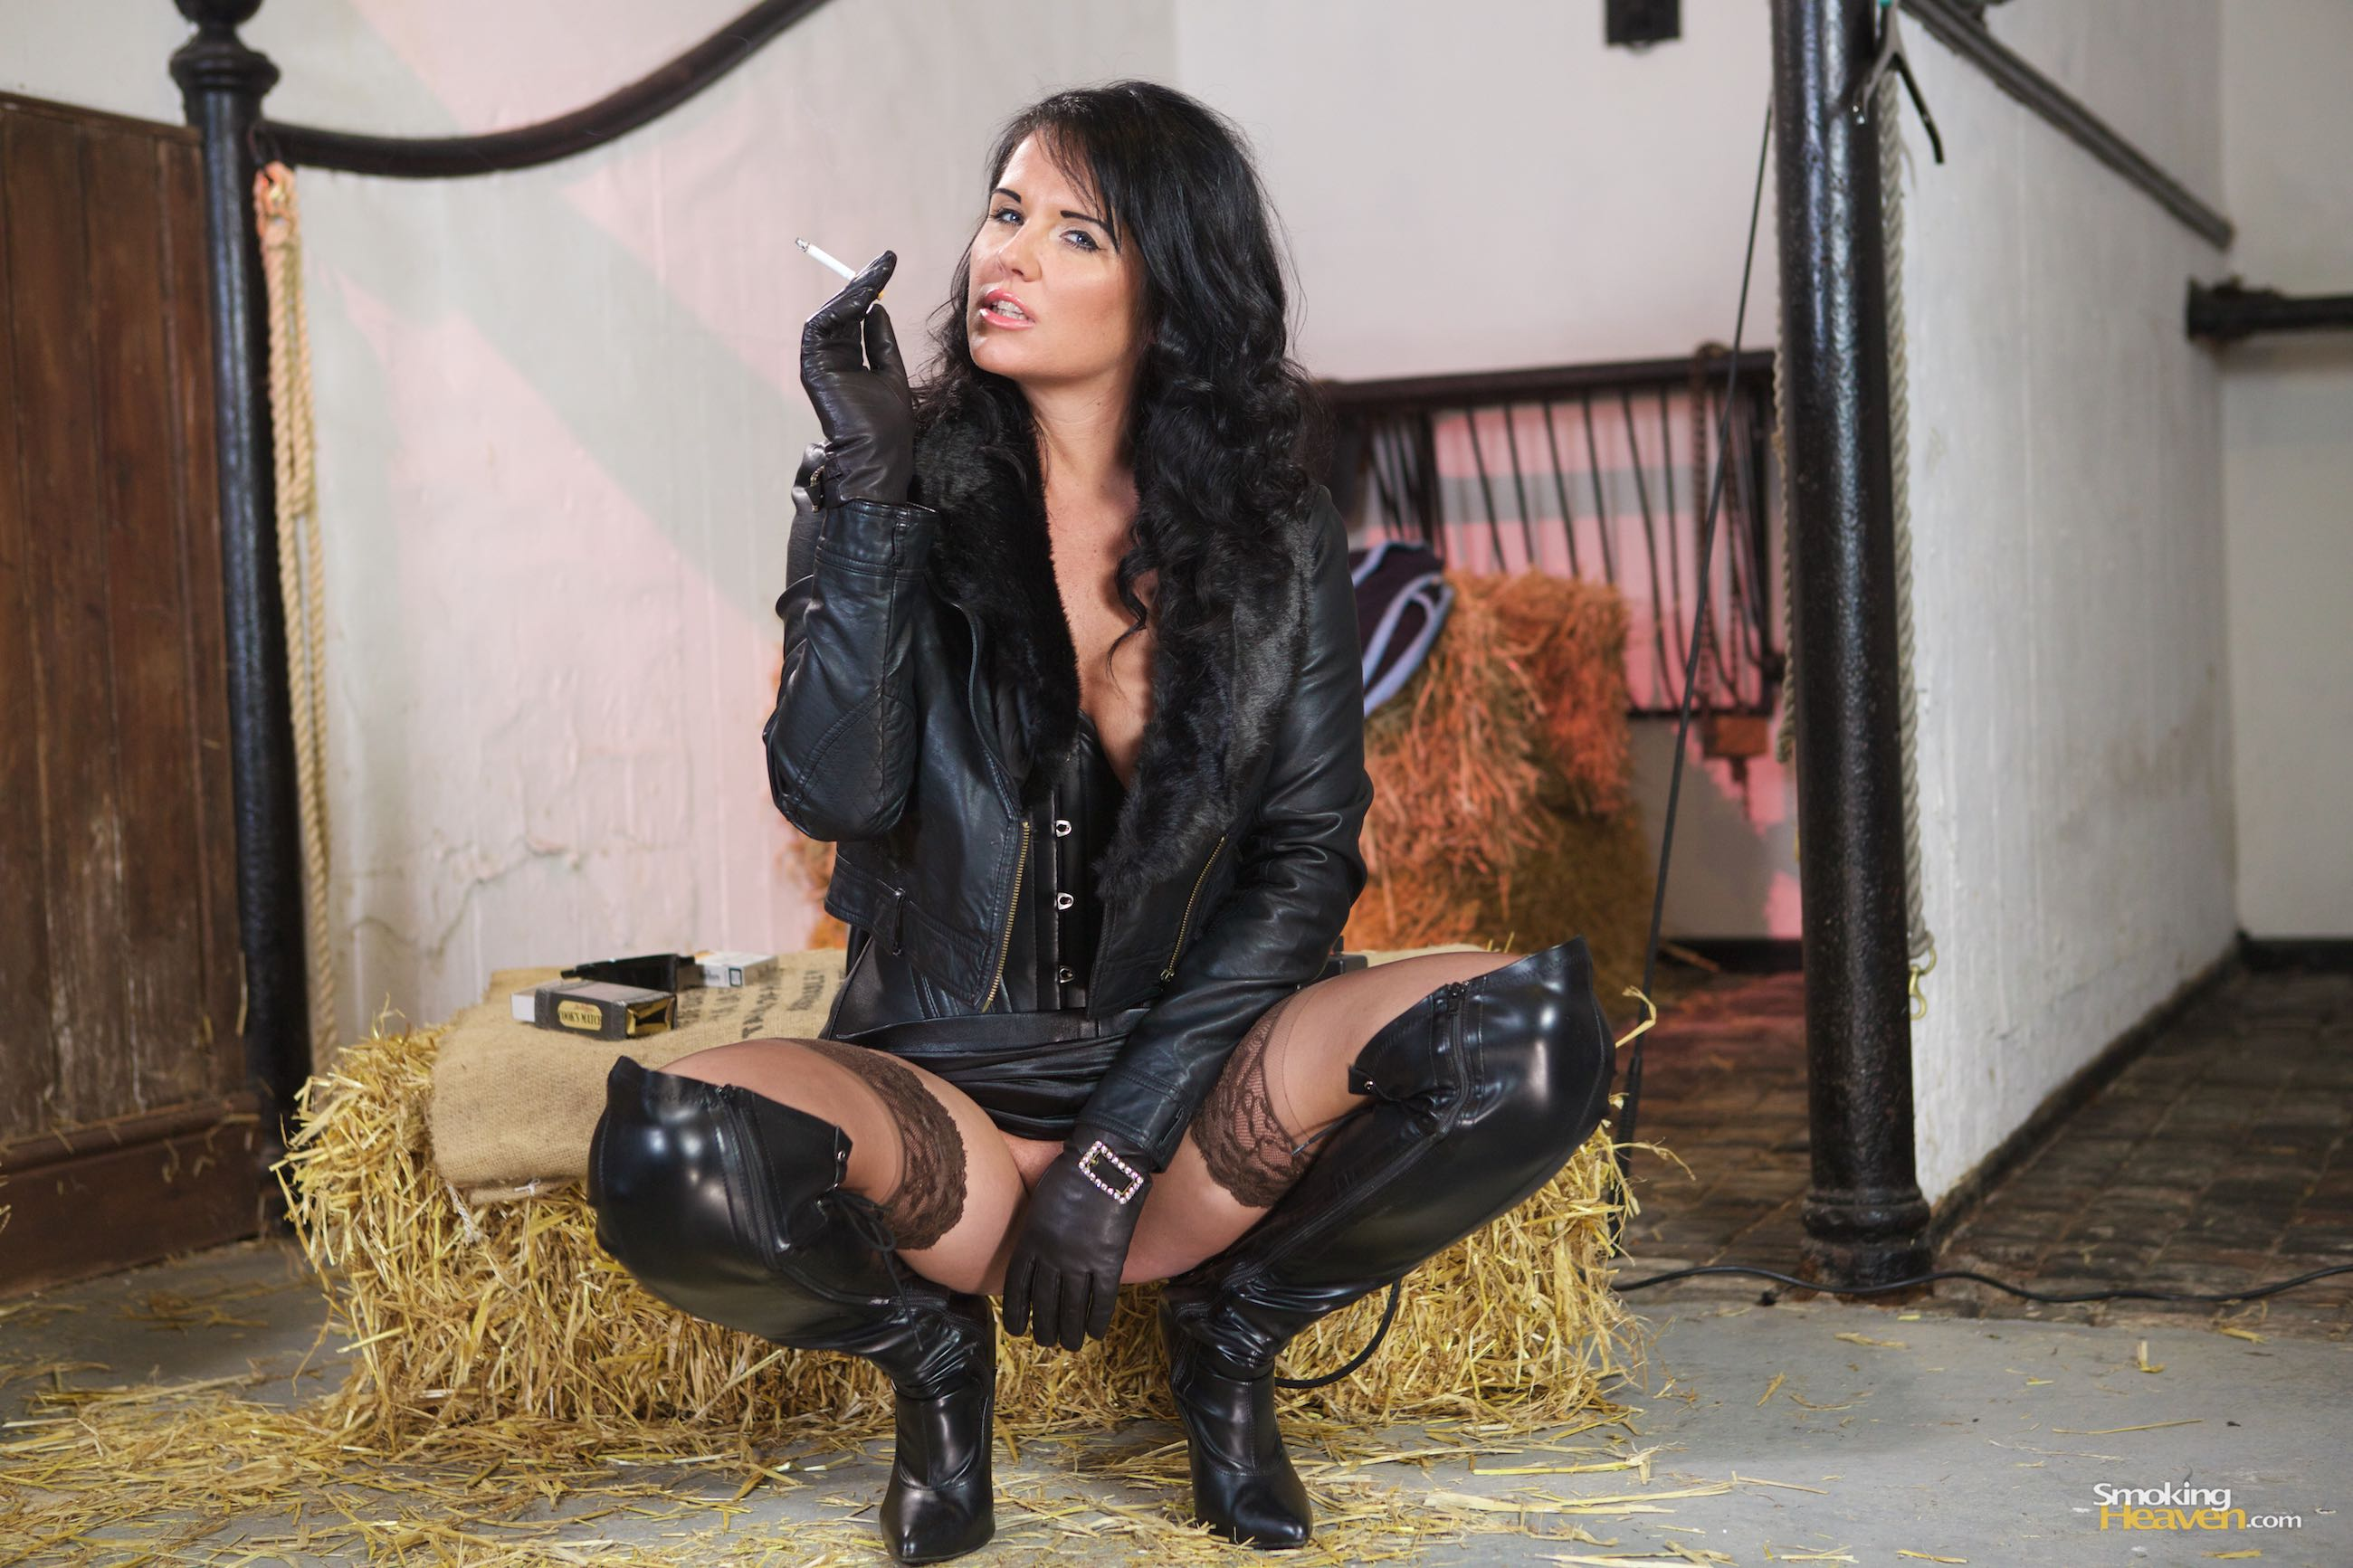 Mistress raven free videos